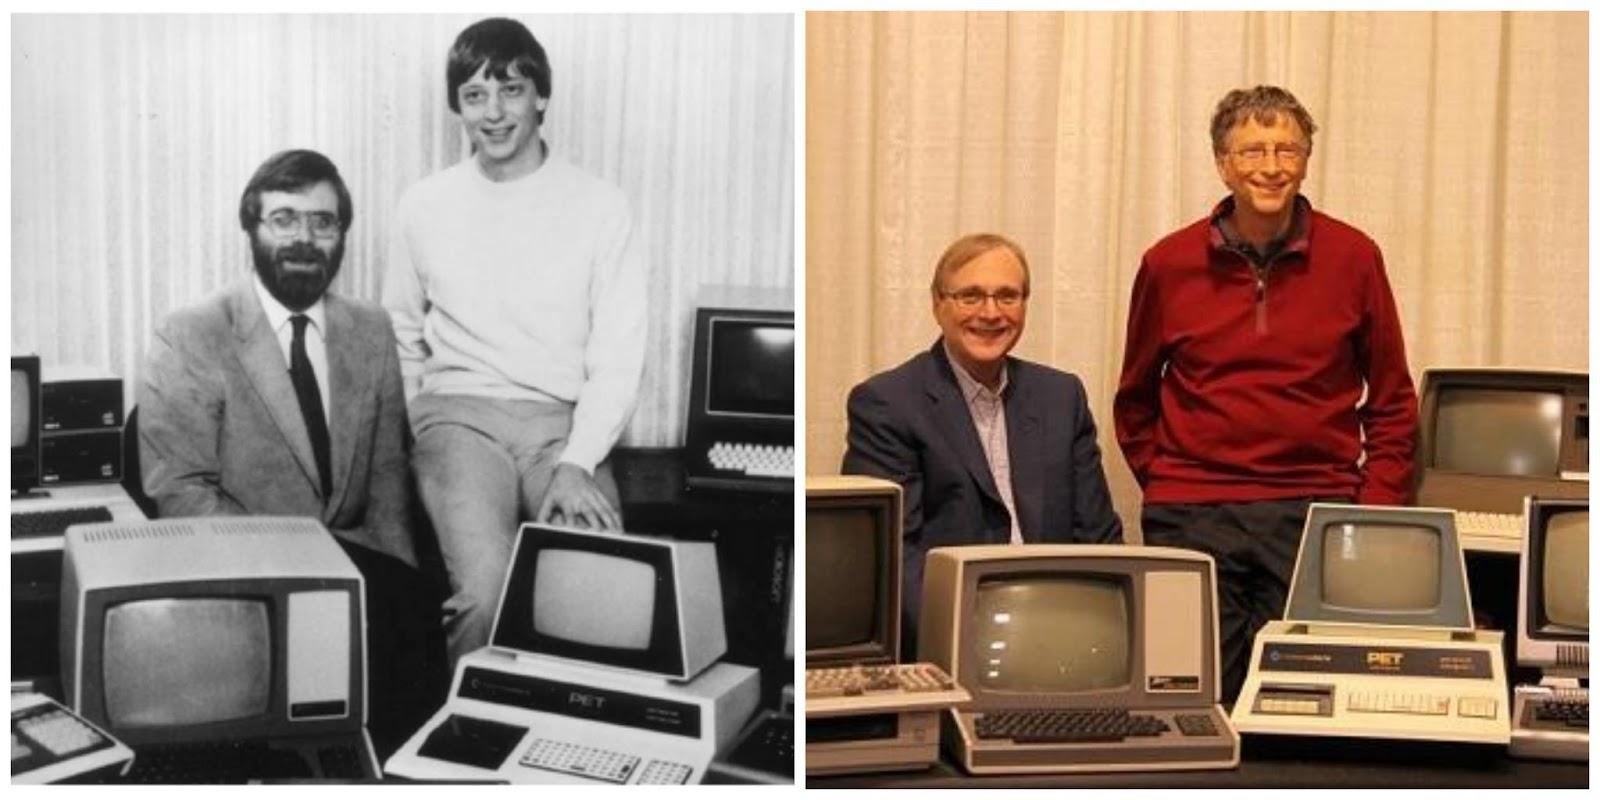 Microsoft picture it foto 2001 19